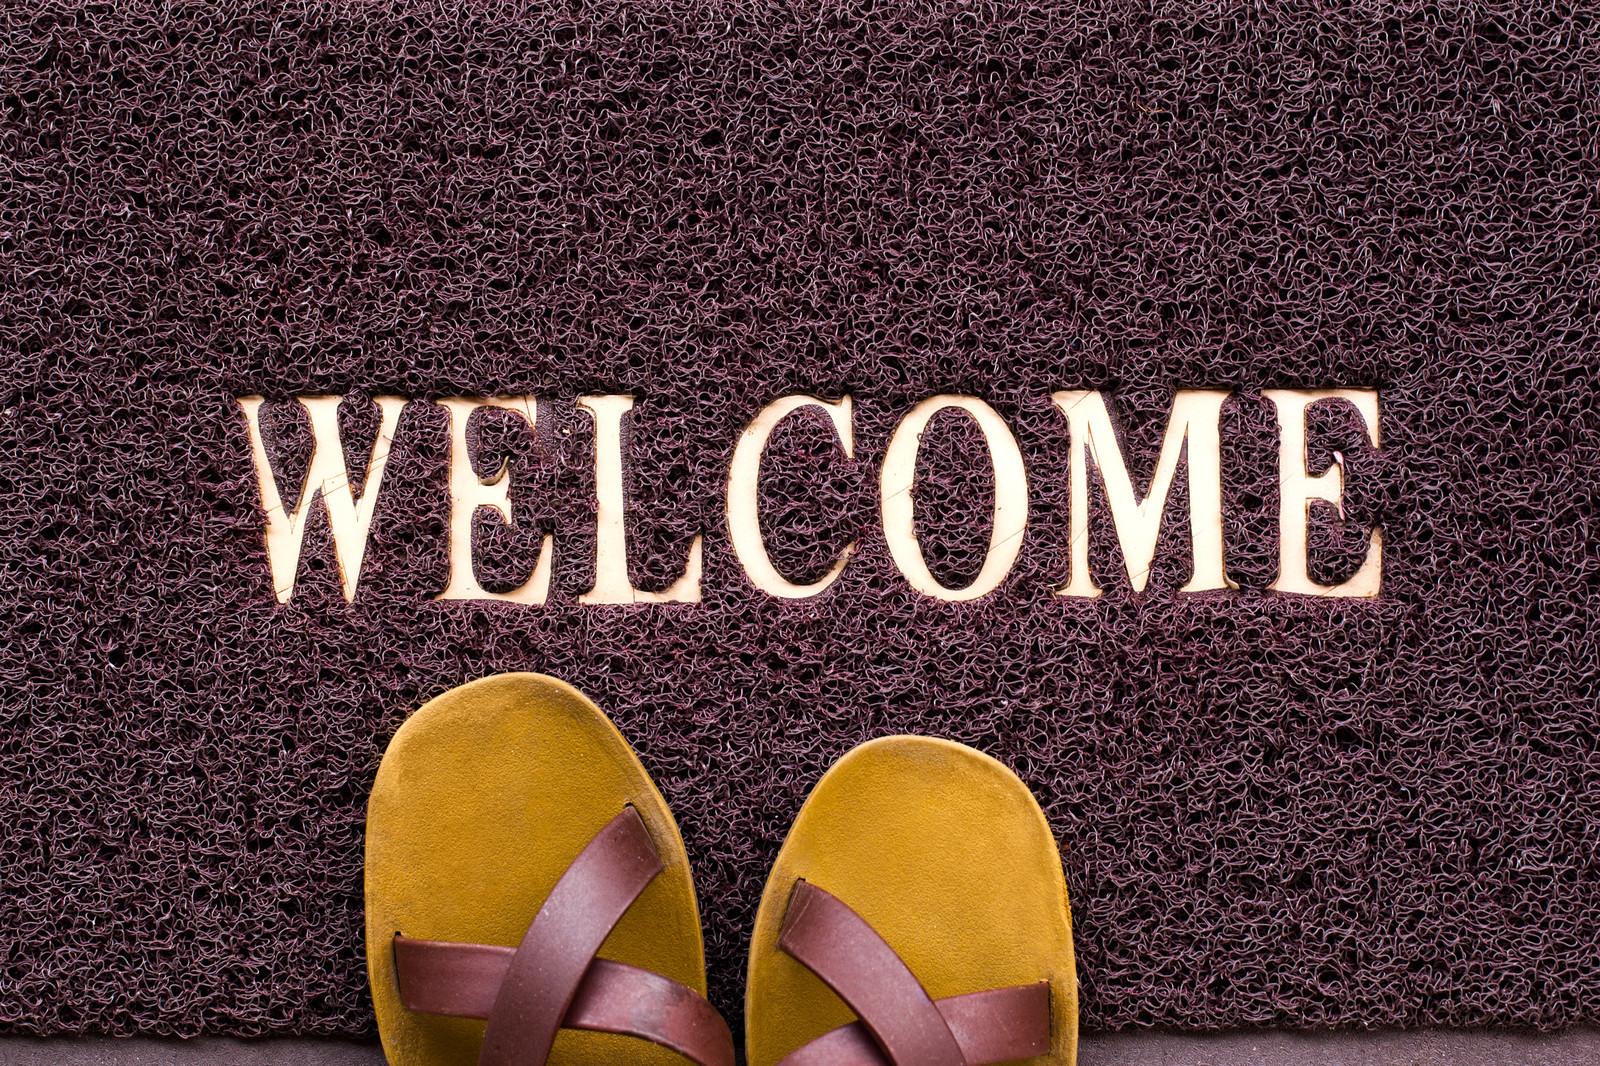 Dise a tu propio felpudo para la entrada de casa blog de dia - Felpudo entrada casa ...